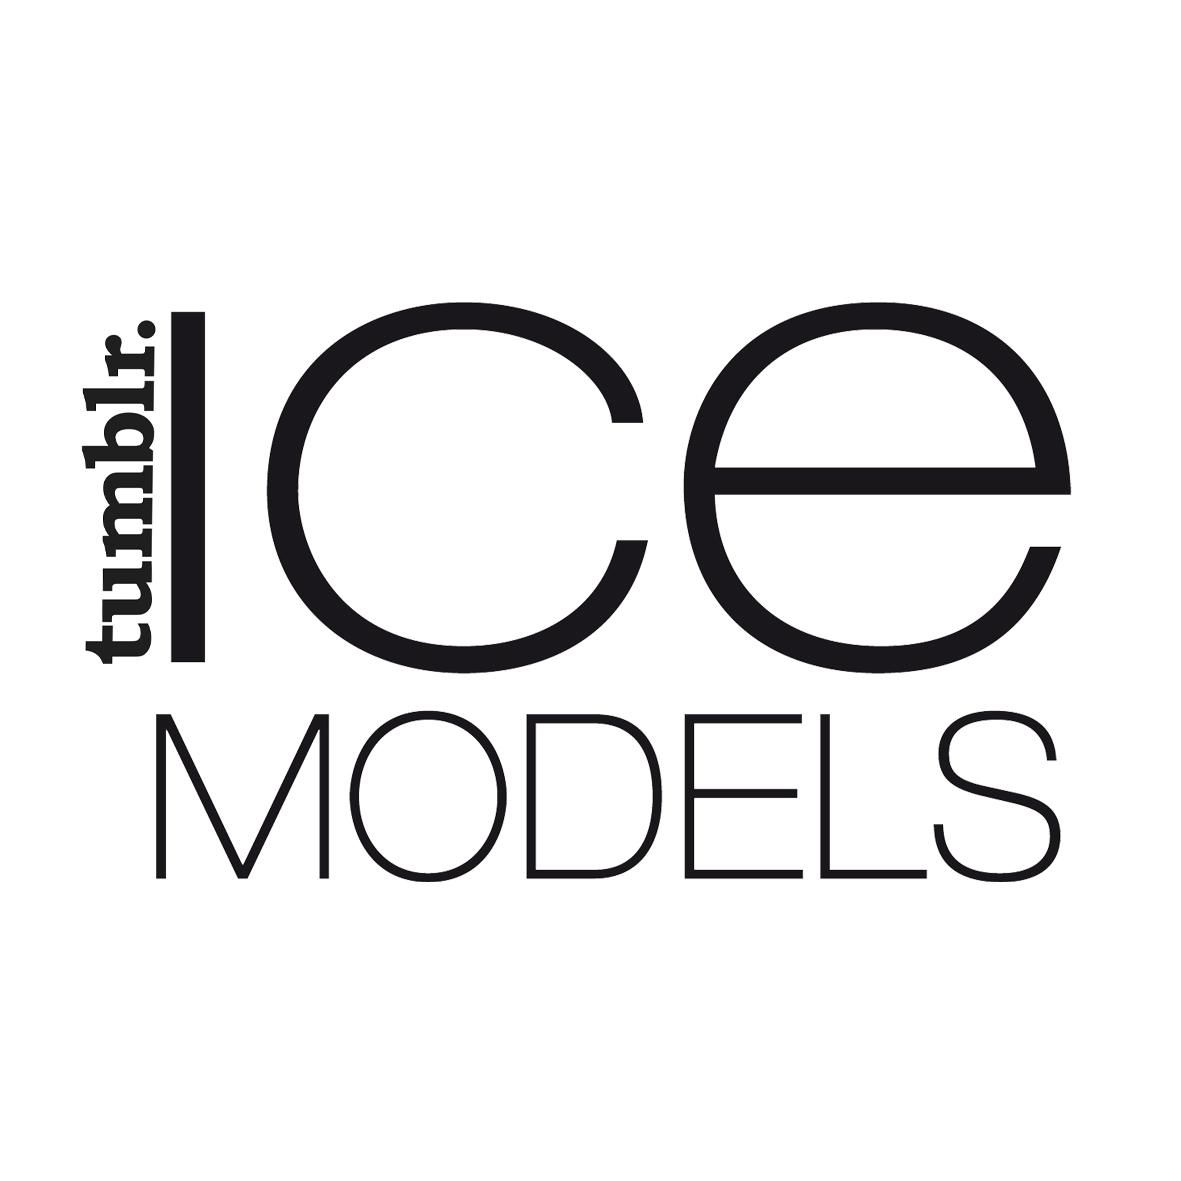 ICEMODELS MILAN